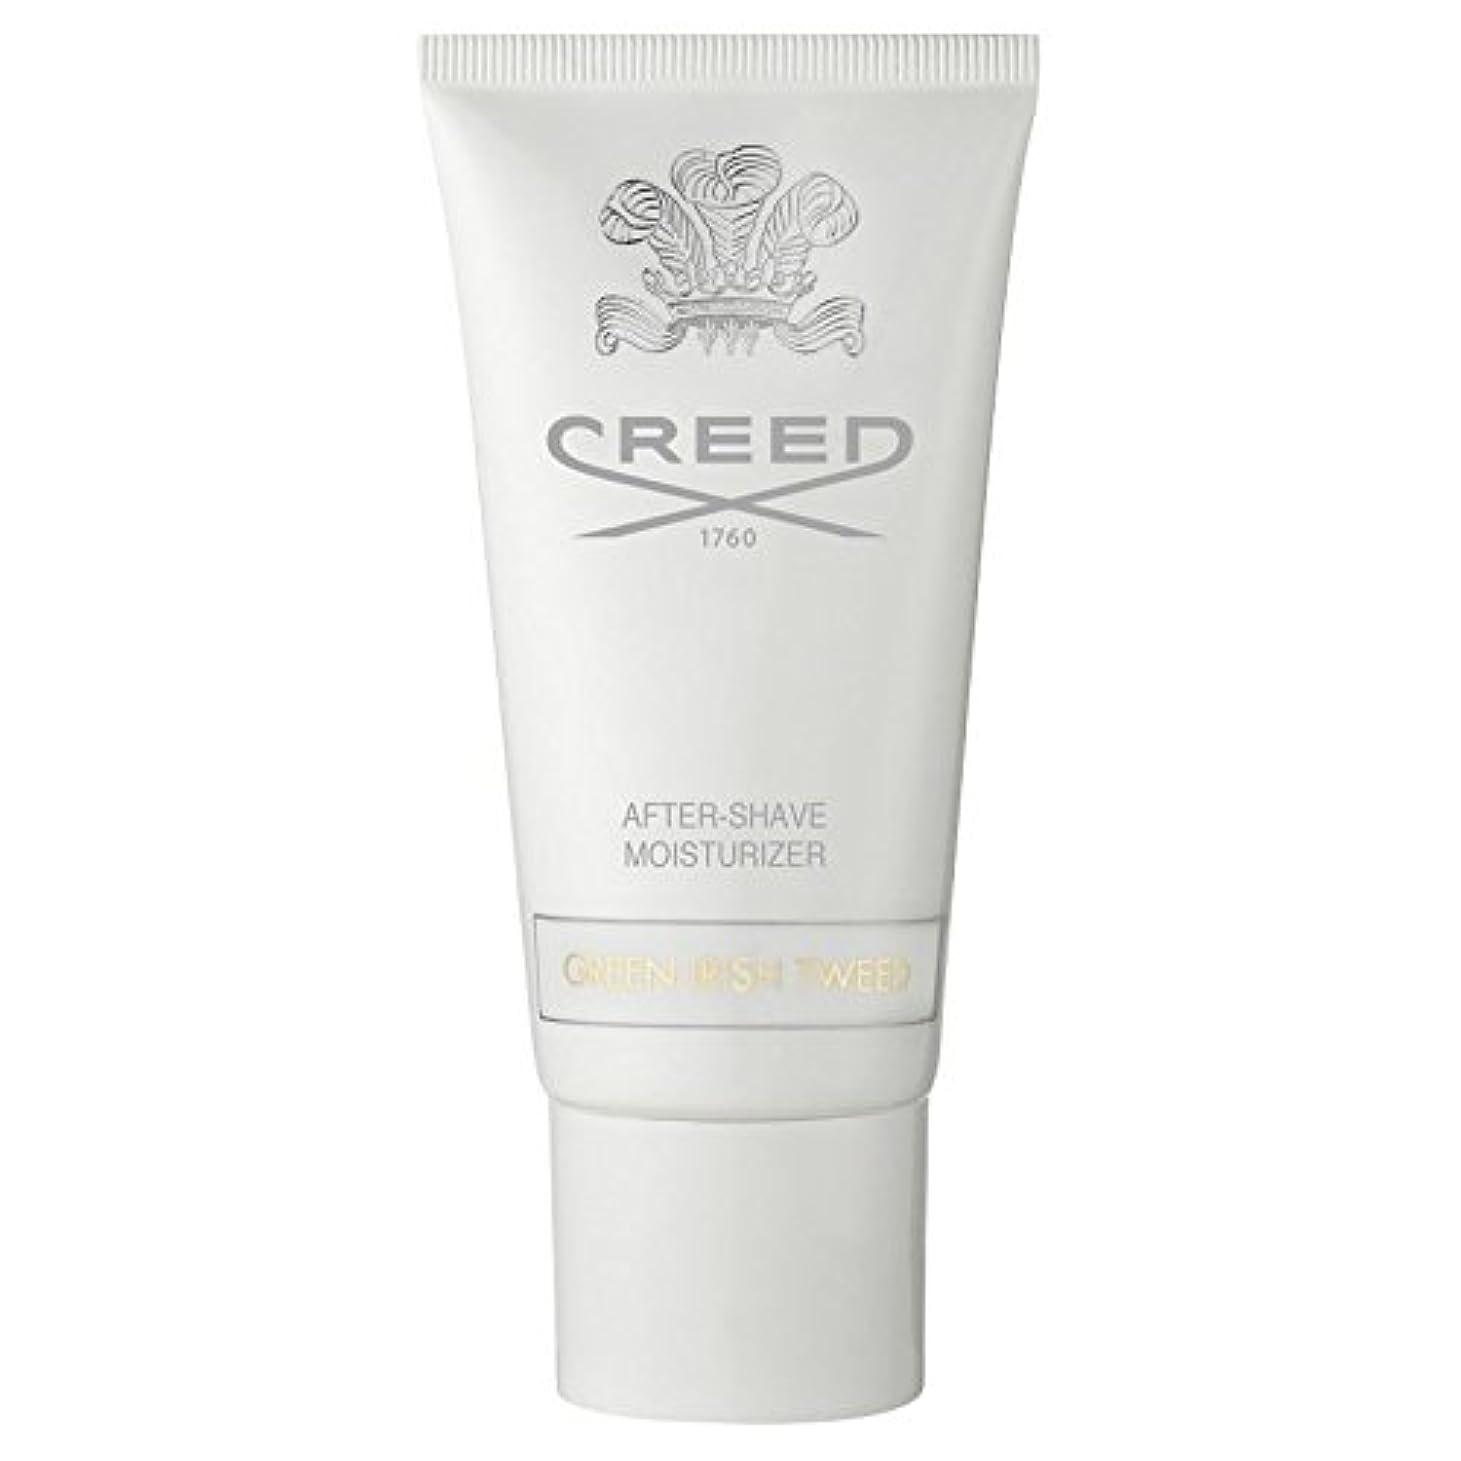 練るレーダー厄介な[CREED] 信条グリーンアイリッシュツィードアフターシェーブ用保湿剤の75ミリリットル - Creed Green Irish Tweed After-Shave Moisturiser 75ml [並行輸入品]